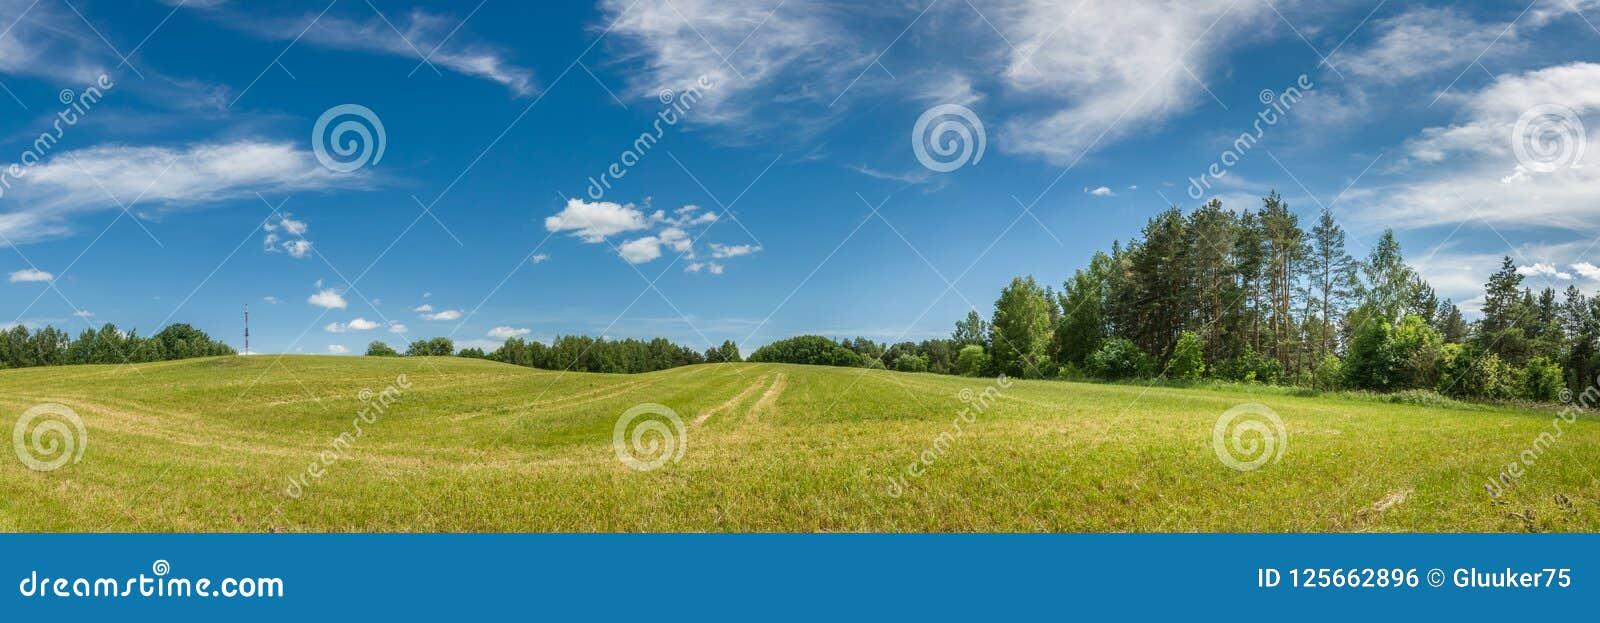 аграрное лето ландшафта панорамный взгляд холмистого поля под голубым облачным небом